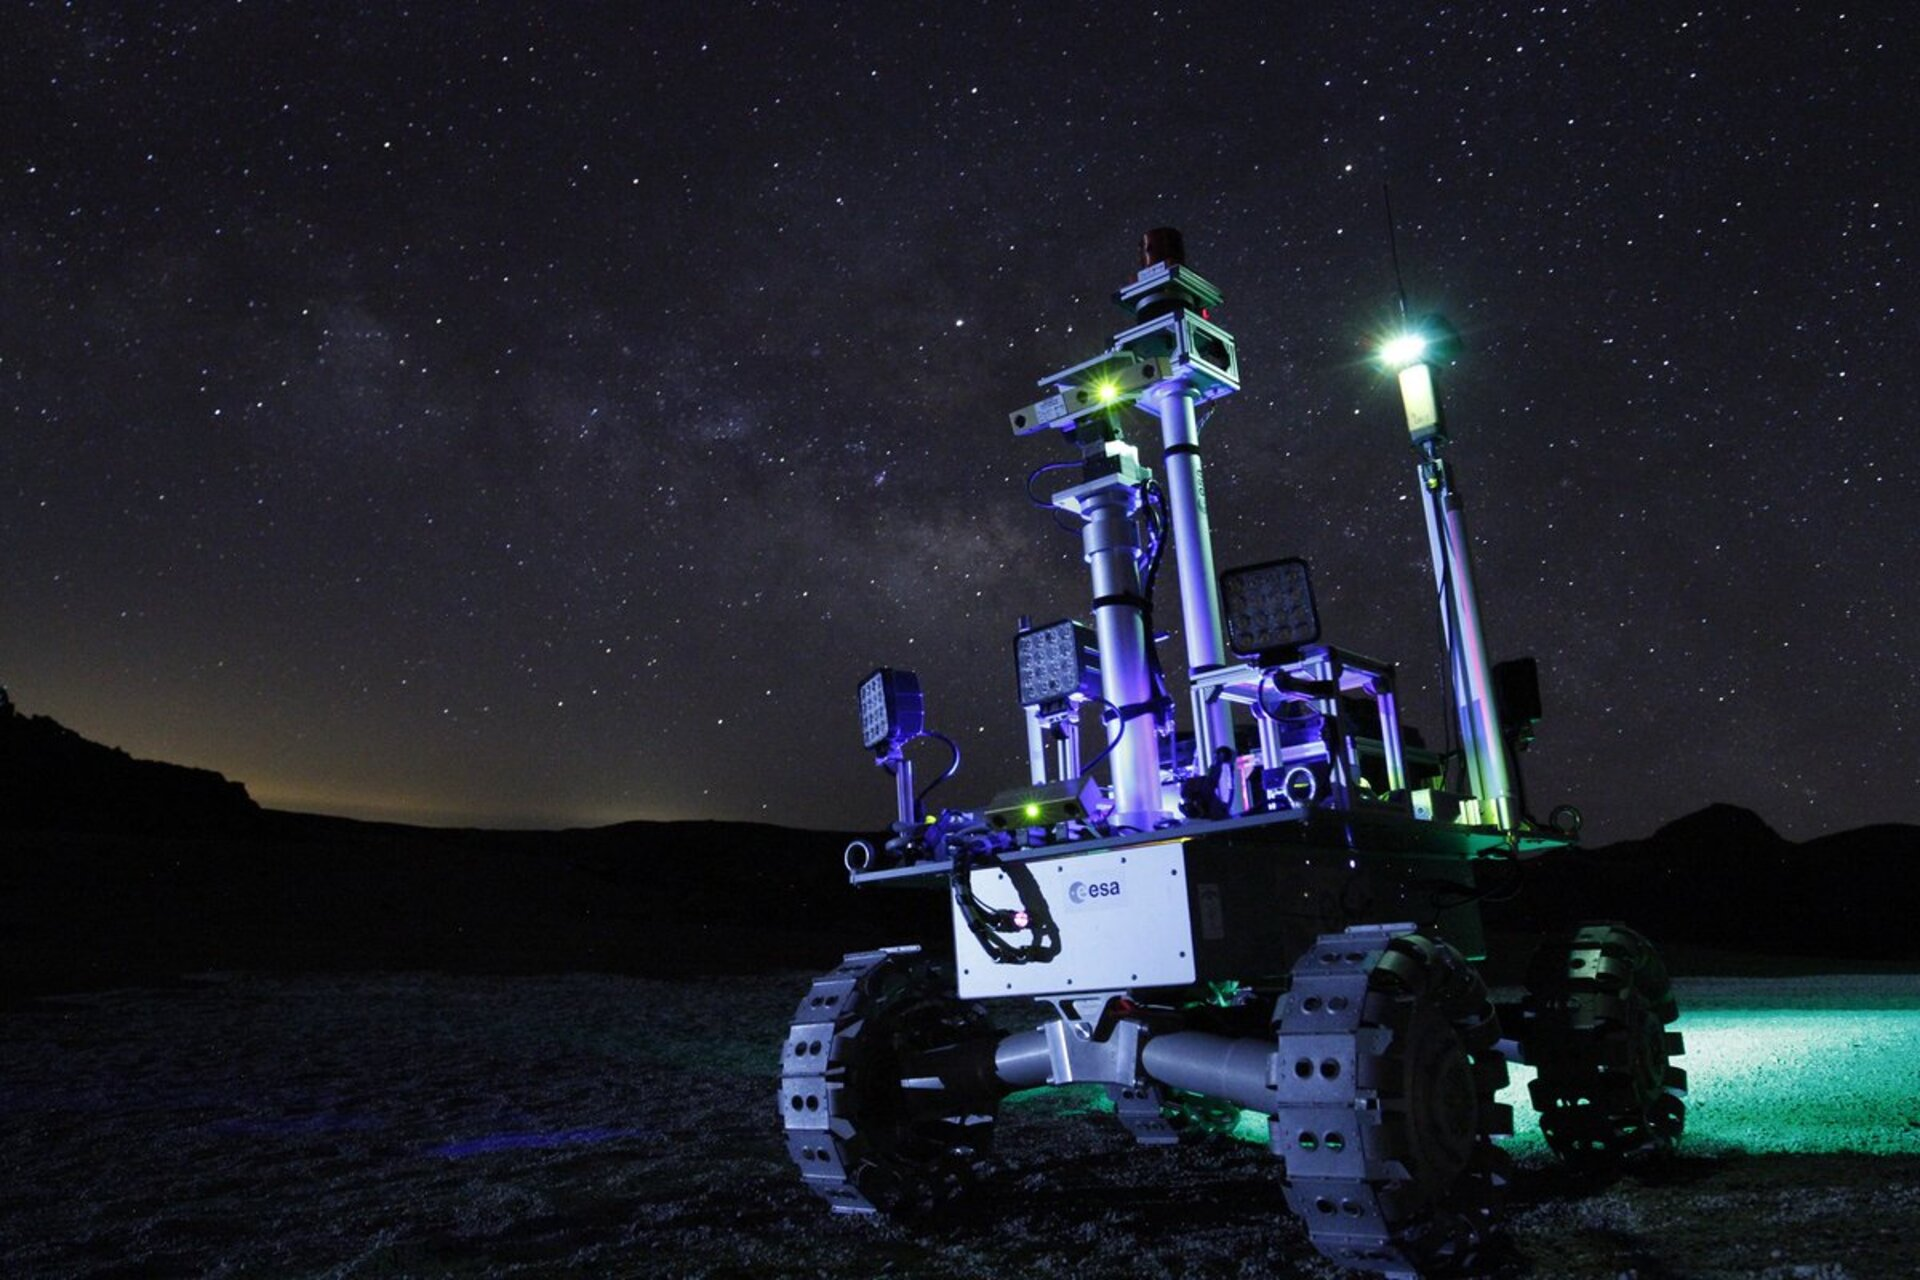 Robot rover at night.